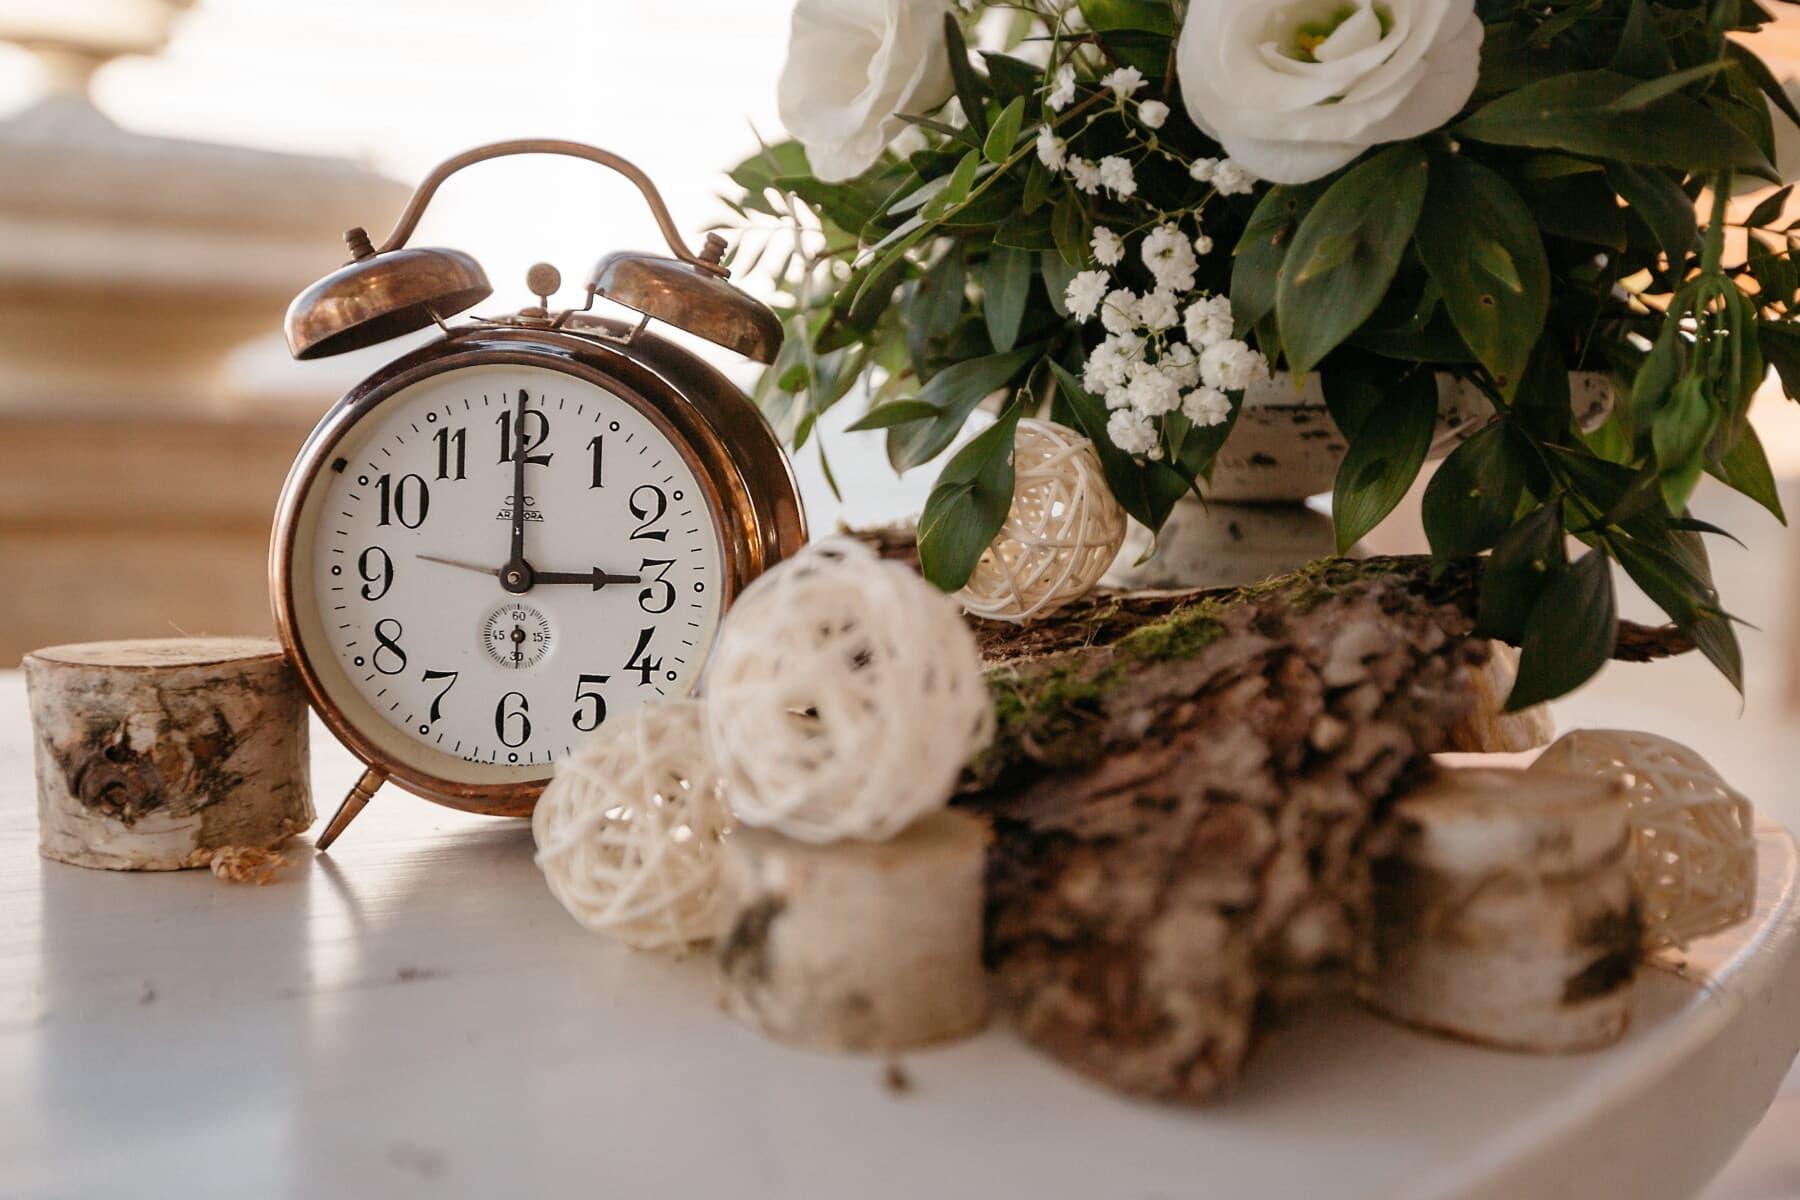 vintage, cloche, horloge analogique, cuivre, Metal, antiquité, temps, minuterie, alarme, horloge